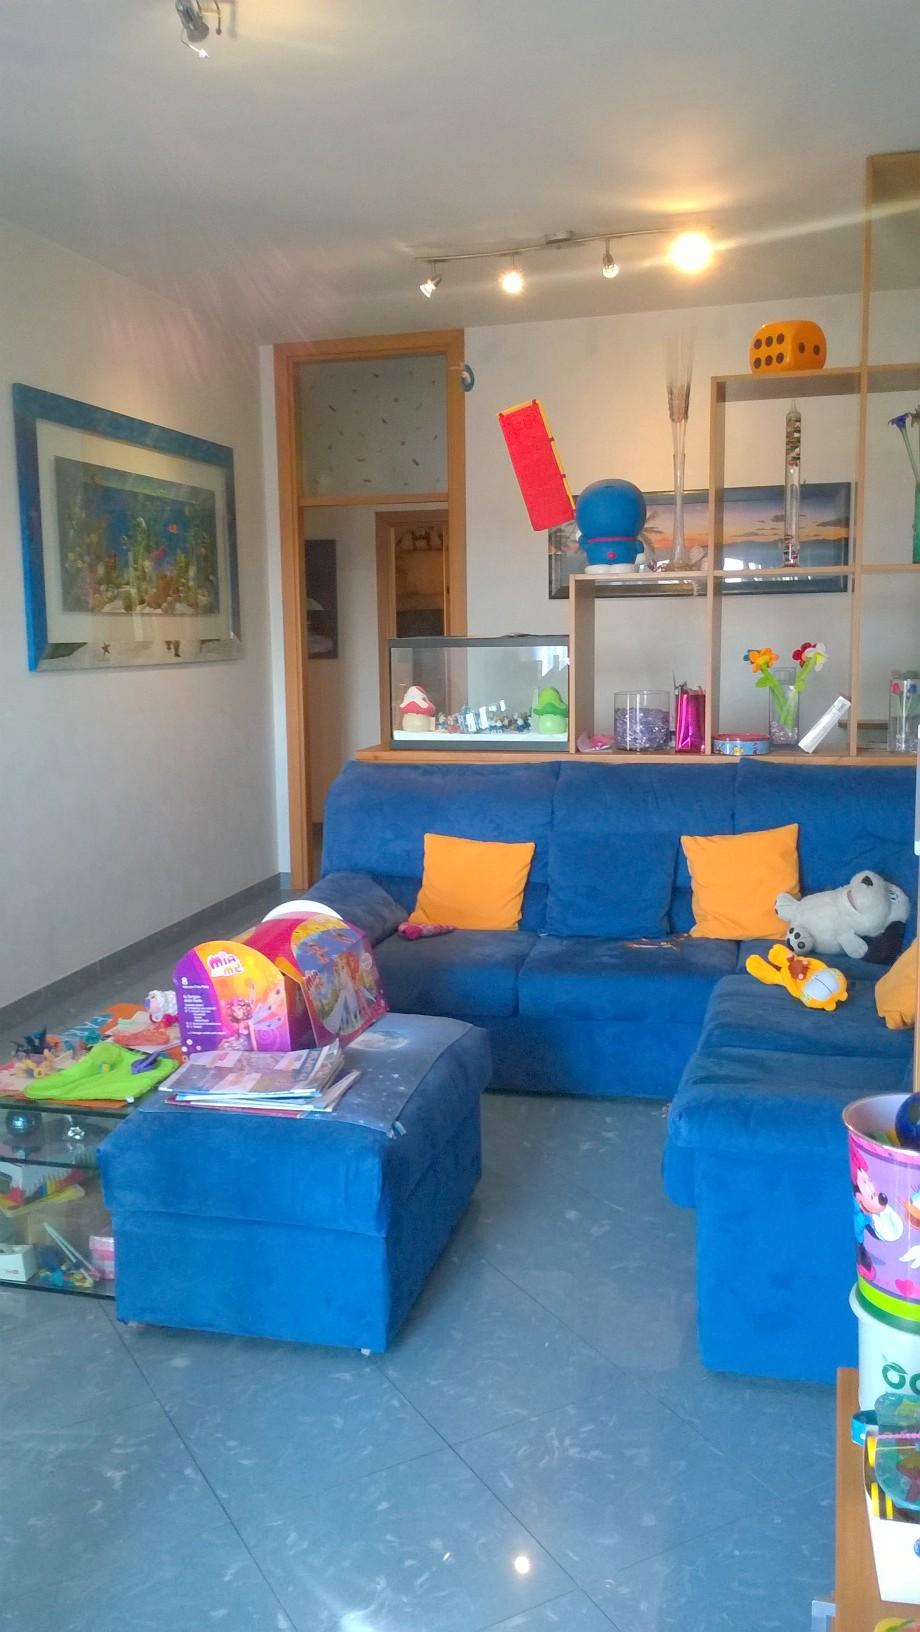 Appartamento in vendita a Coriano, 3 locali, zona Località: CORIANO, prezzo € 180.000 | Cambio Casa.it